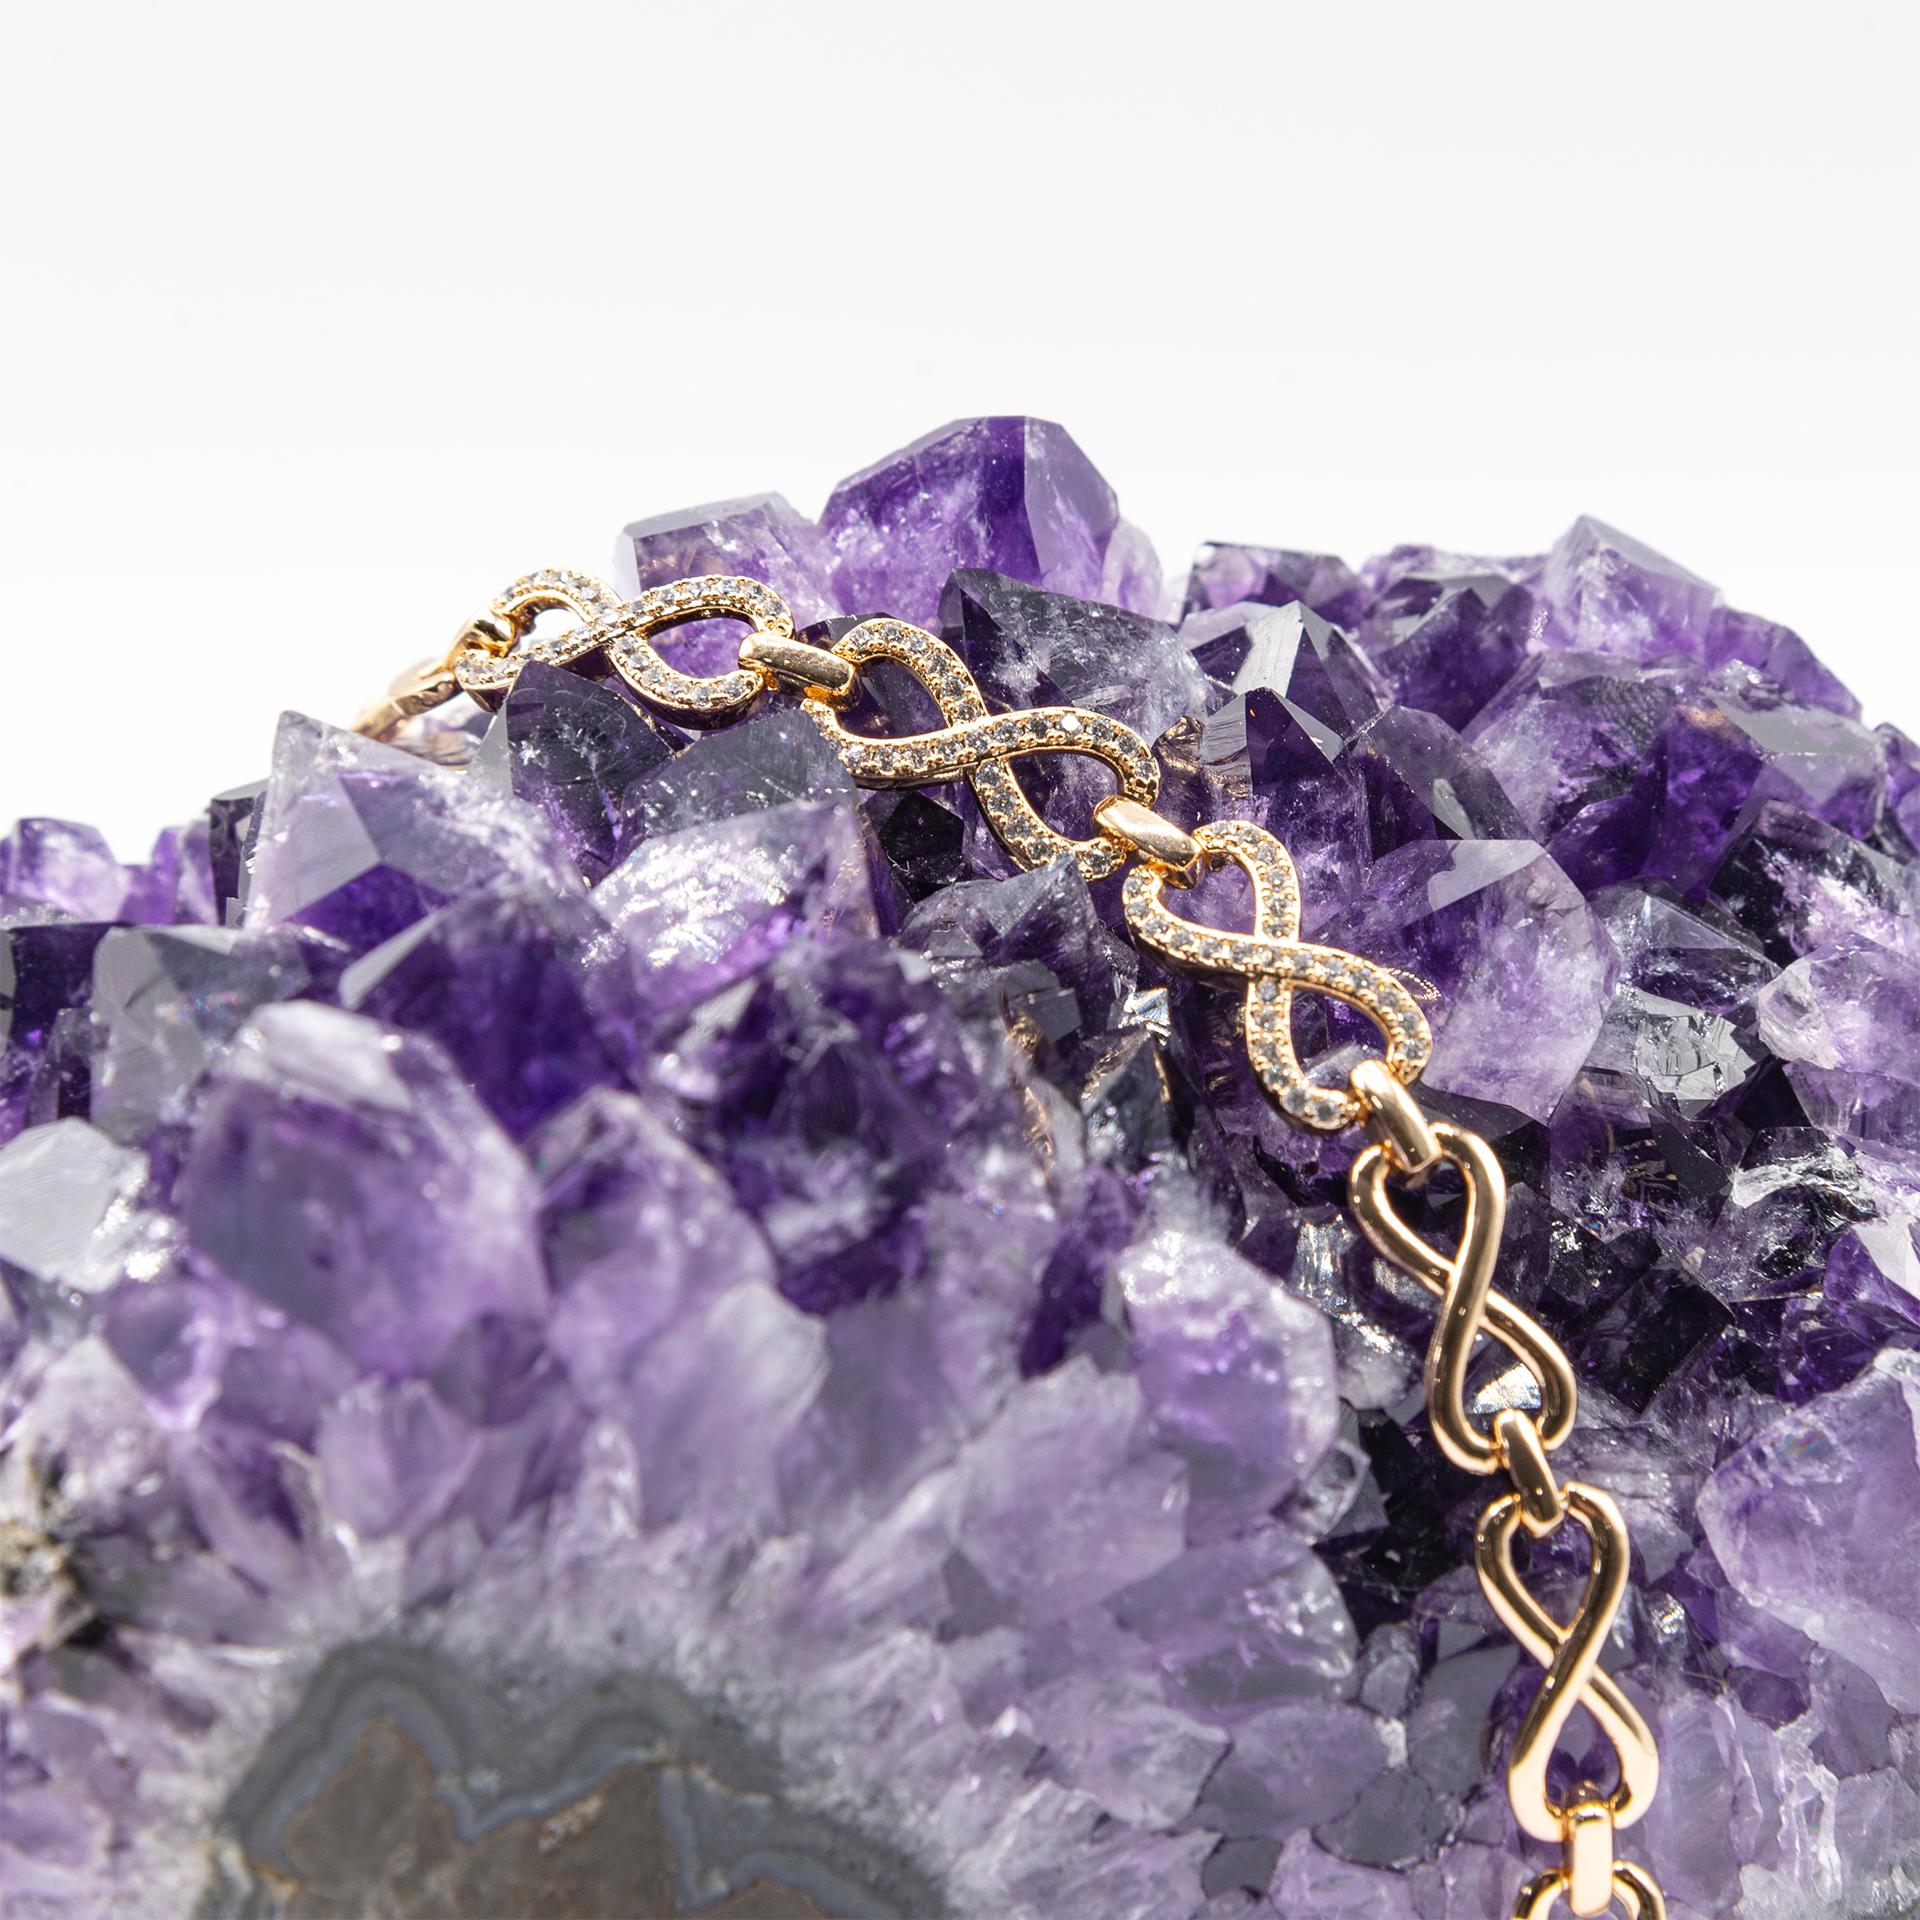 دستبند زنانه ژوپینگ طرح بینهایت کد 206119